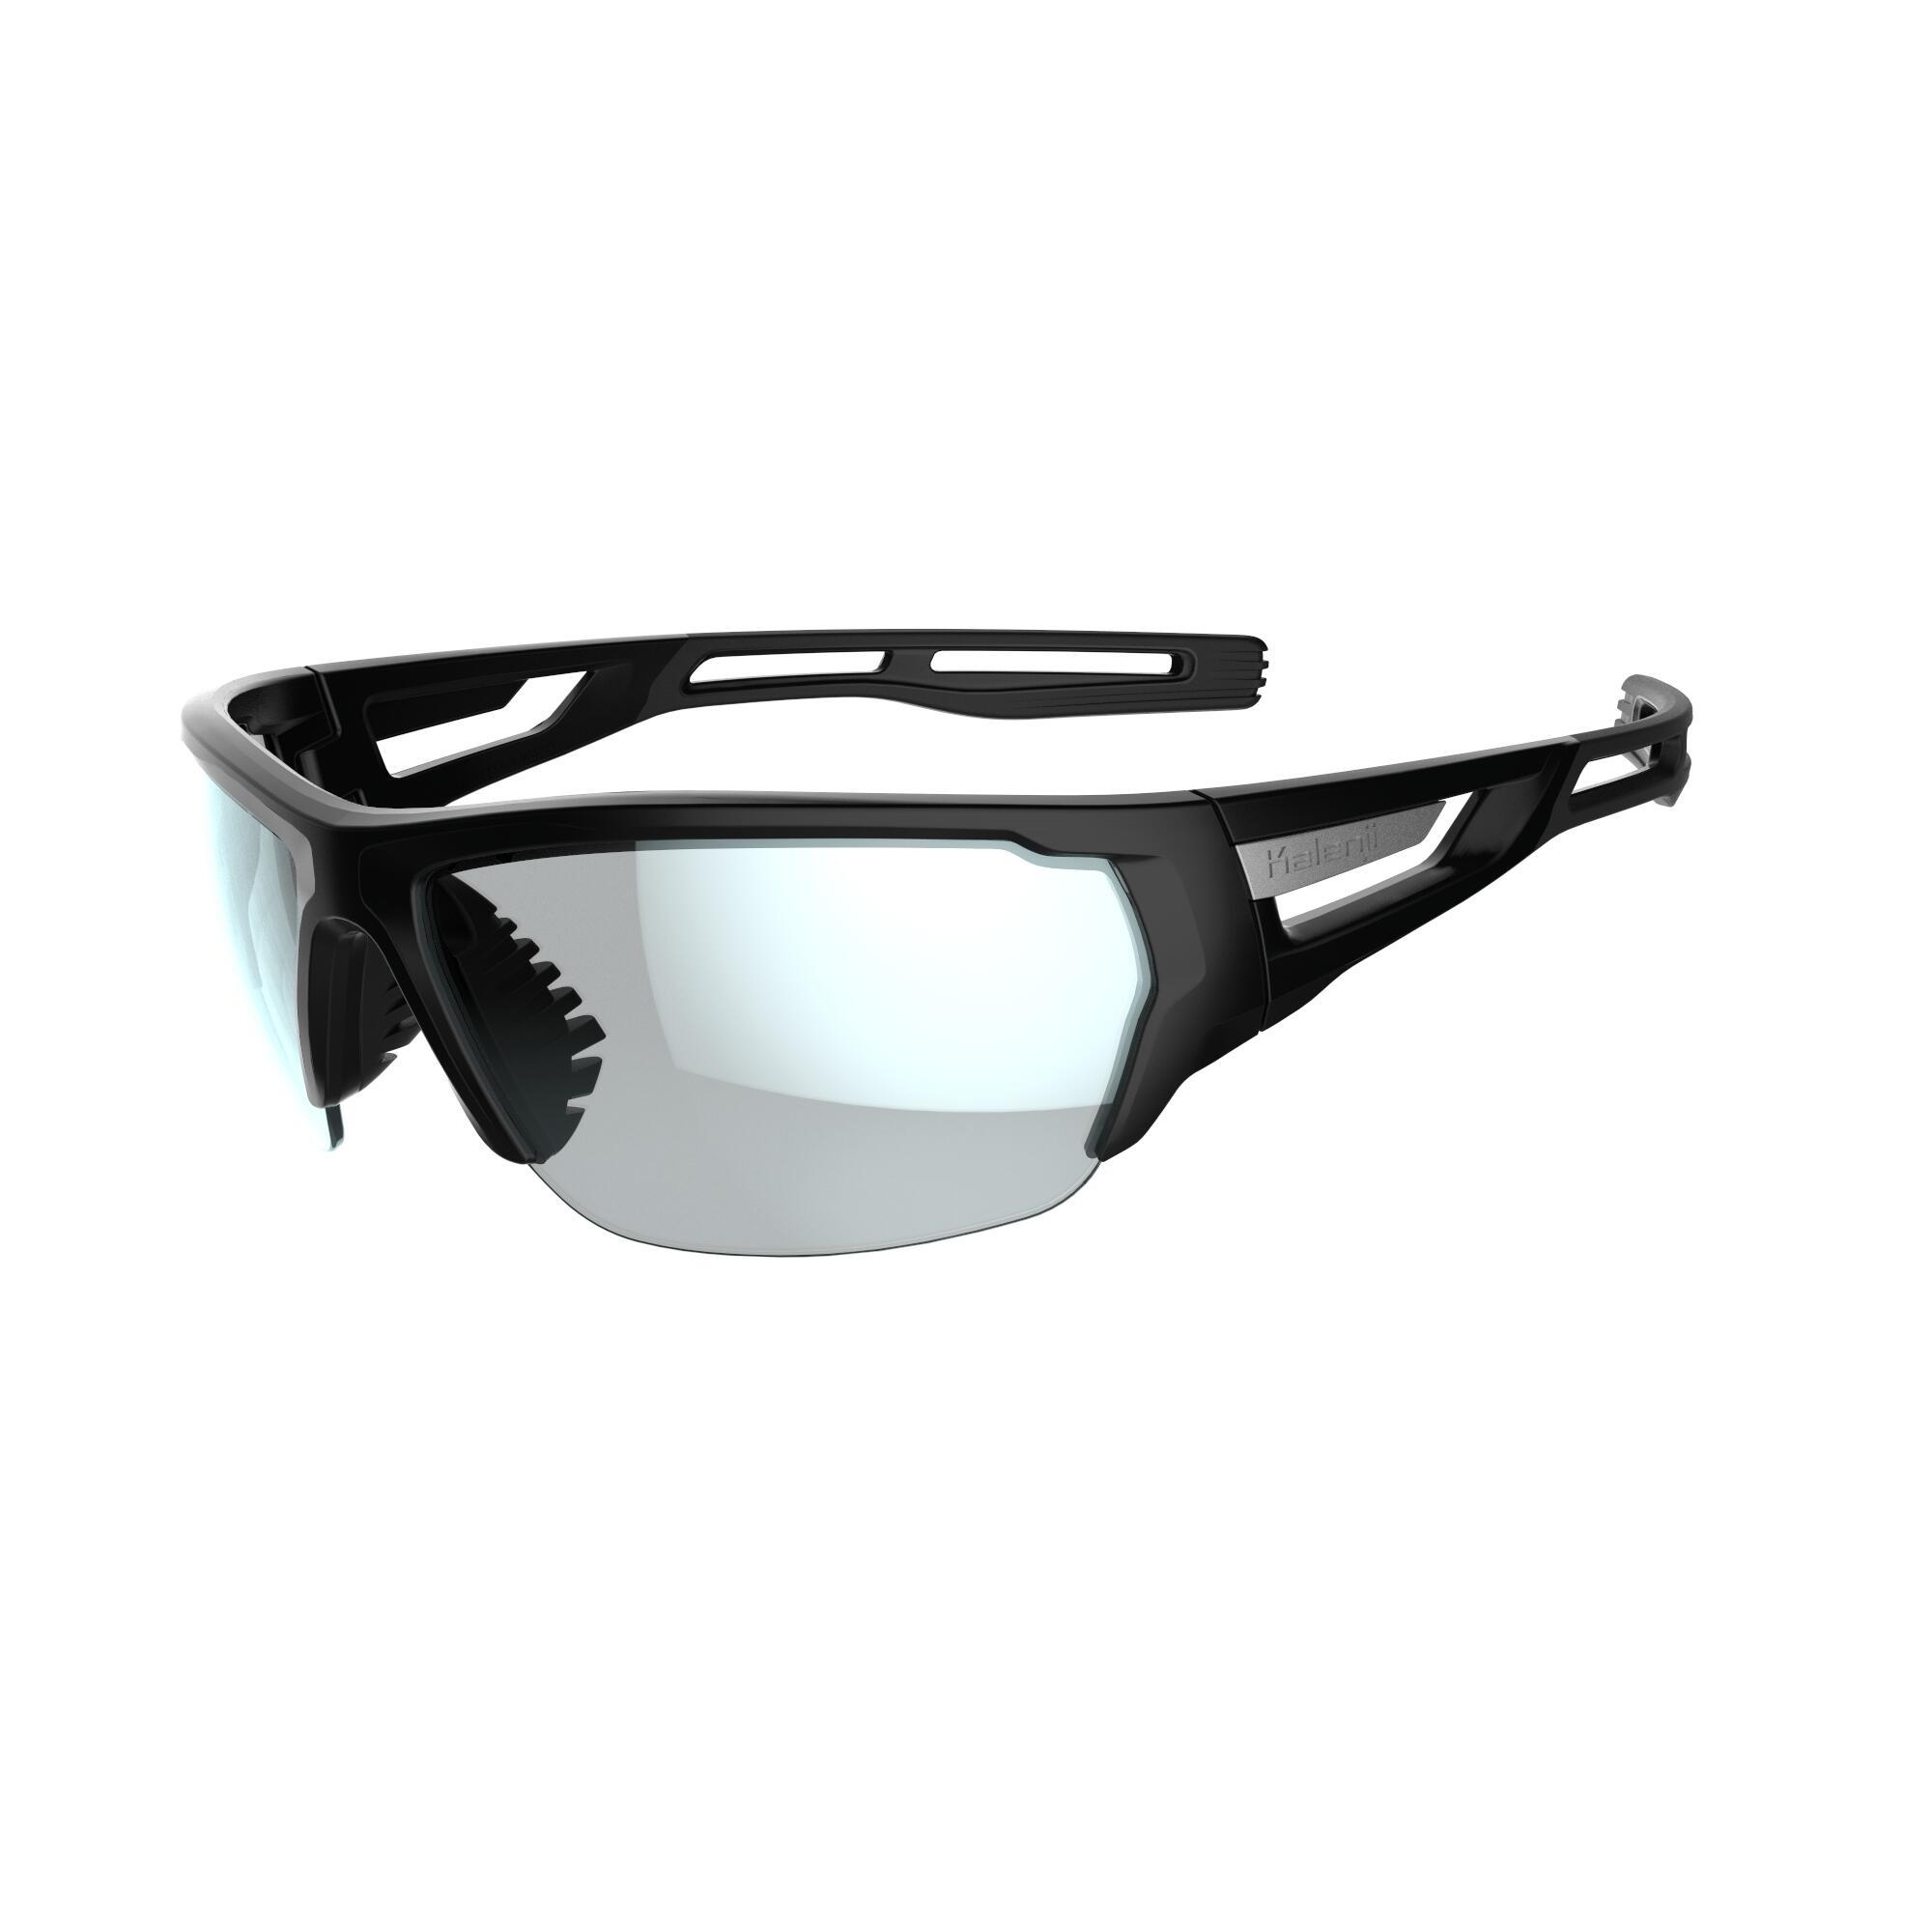 Lunettes de course pour adulte TRAIL 500 noir blanc catégorie 3 glacier